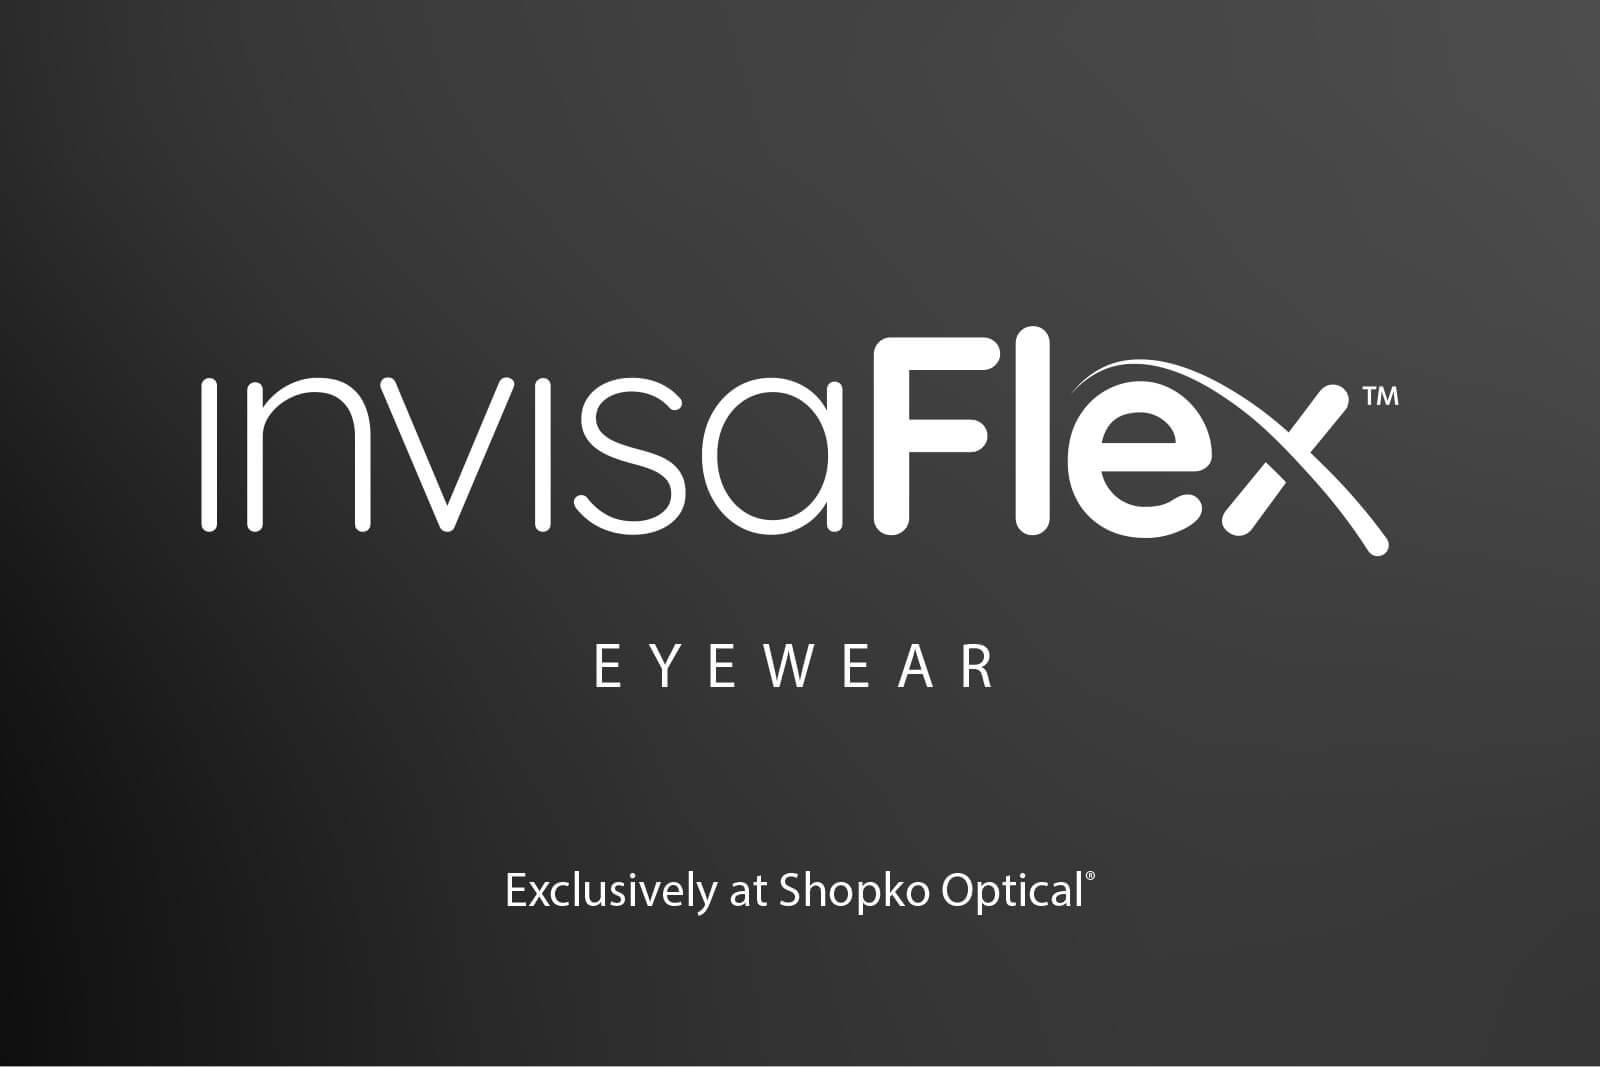 InvisaFlex Eyewear - Exclusively at Shopko Optical